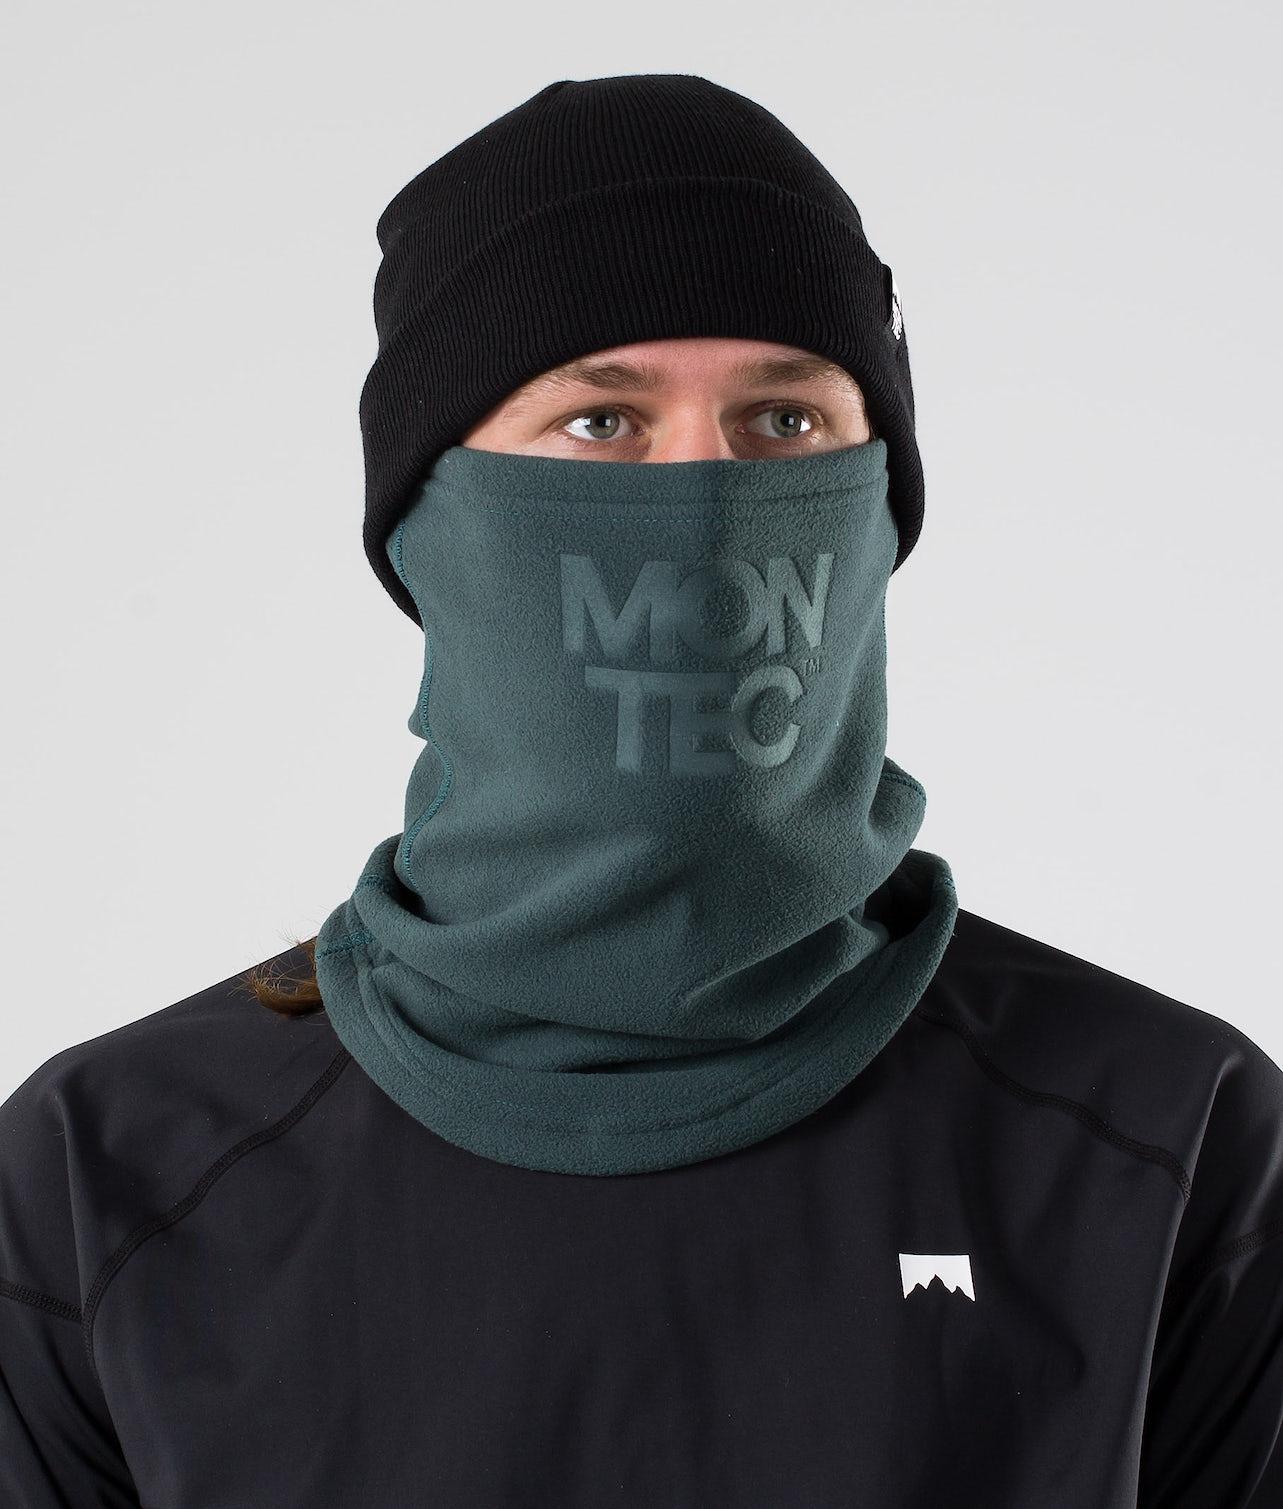 Köp Echo Tube Ansiktsmask från Montec på Ridestore.se Hos oss har du alltid fri frakt, fri retur och 30 dagar öppet köp!